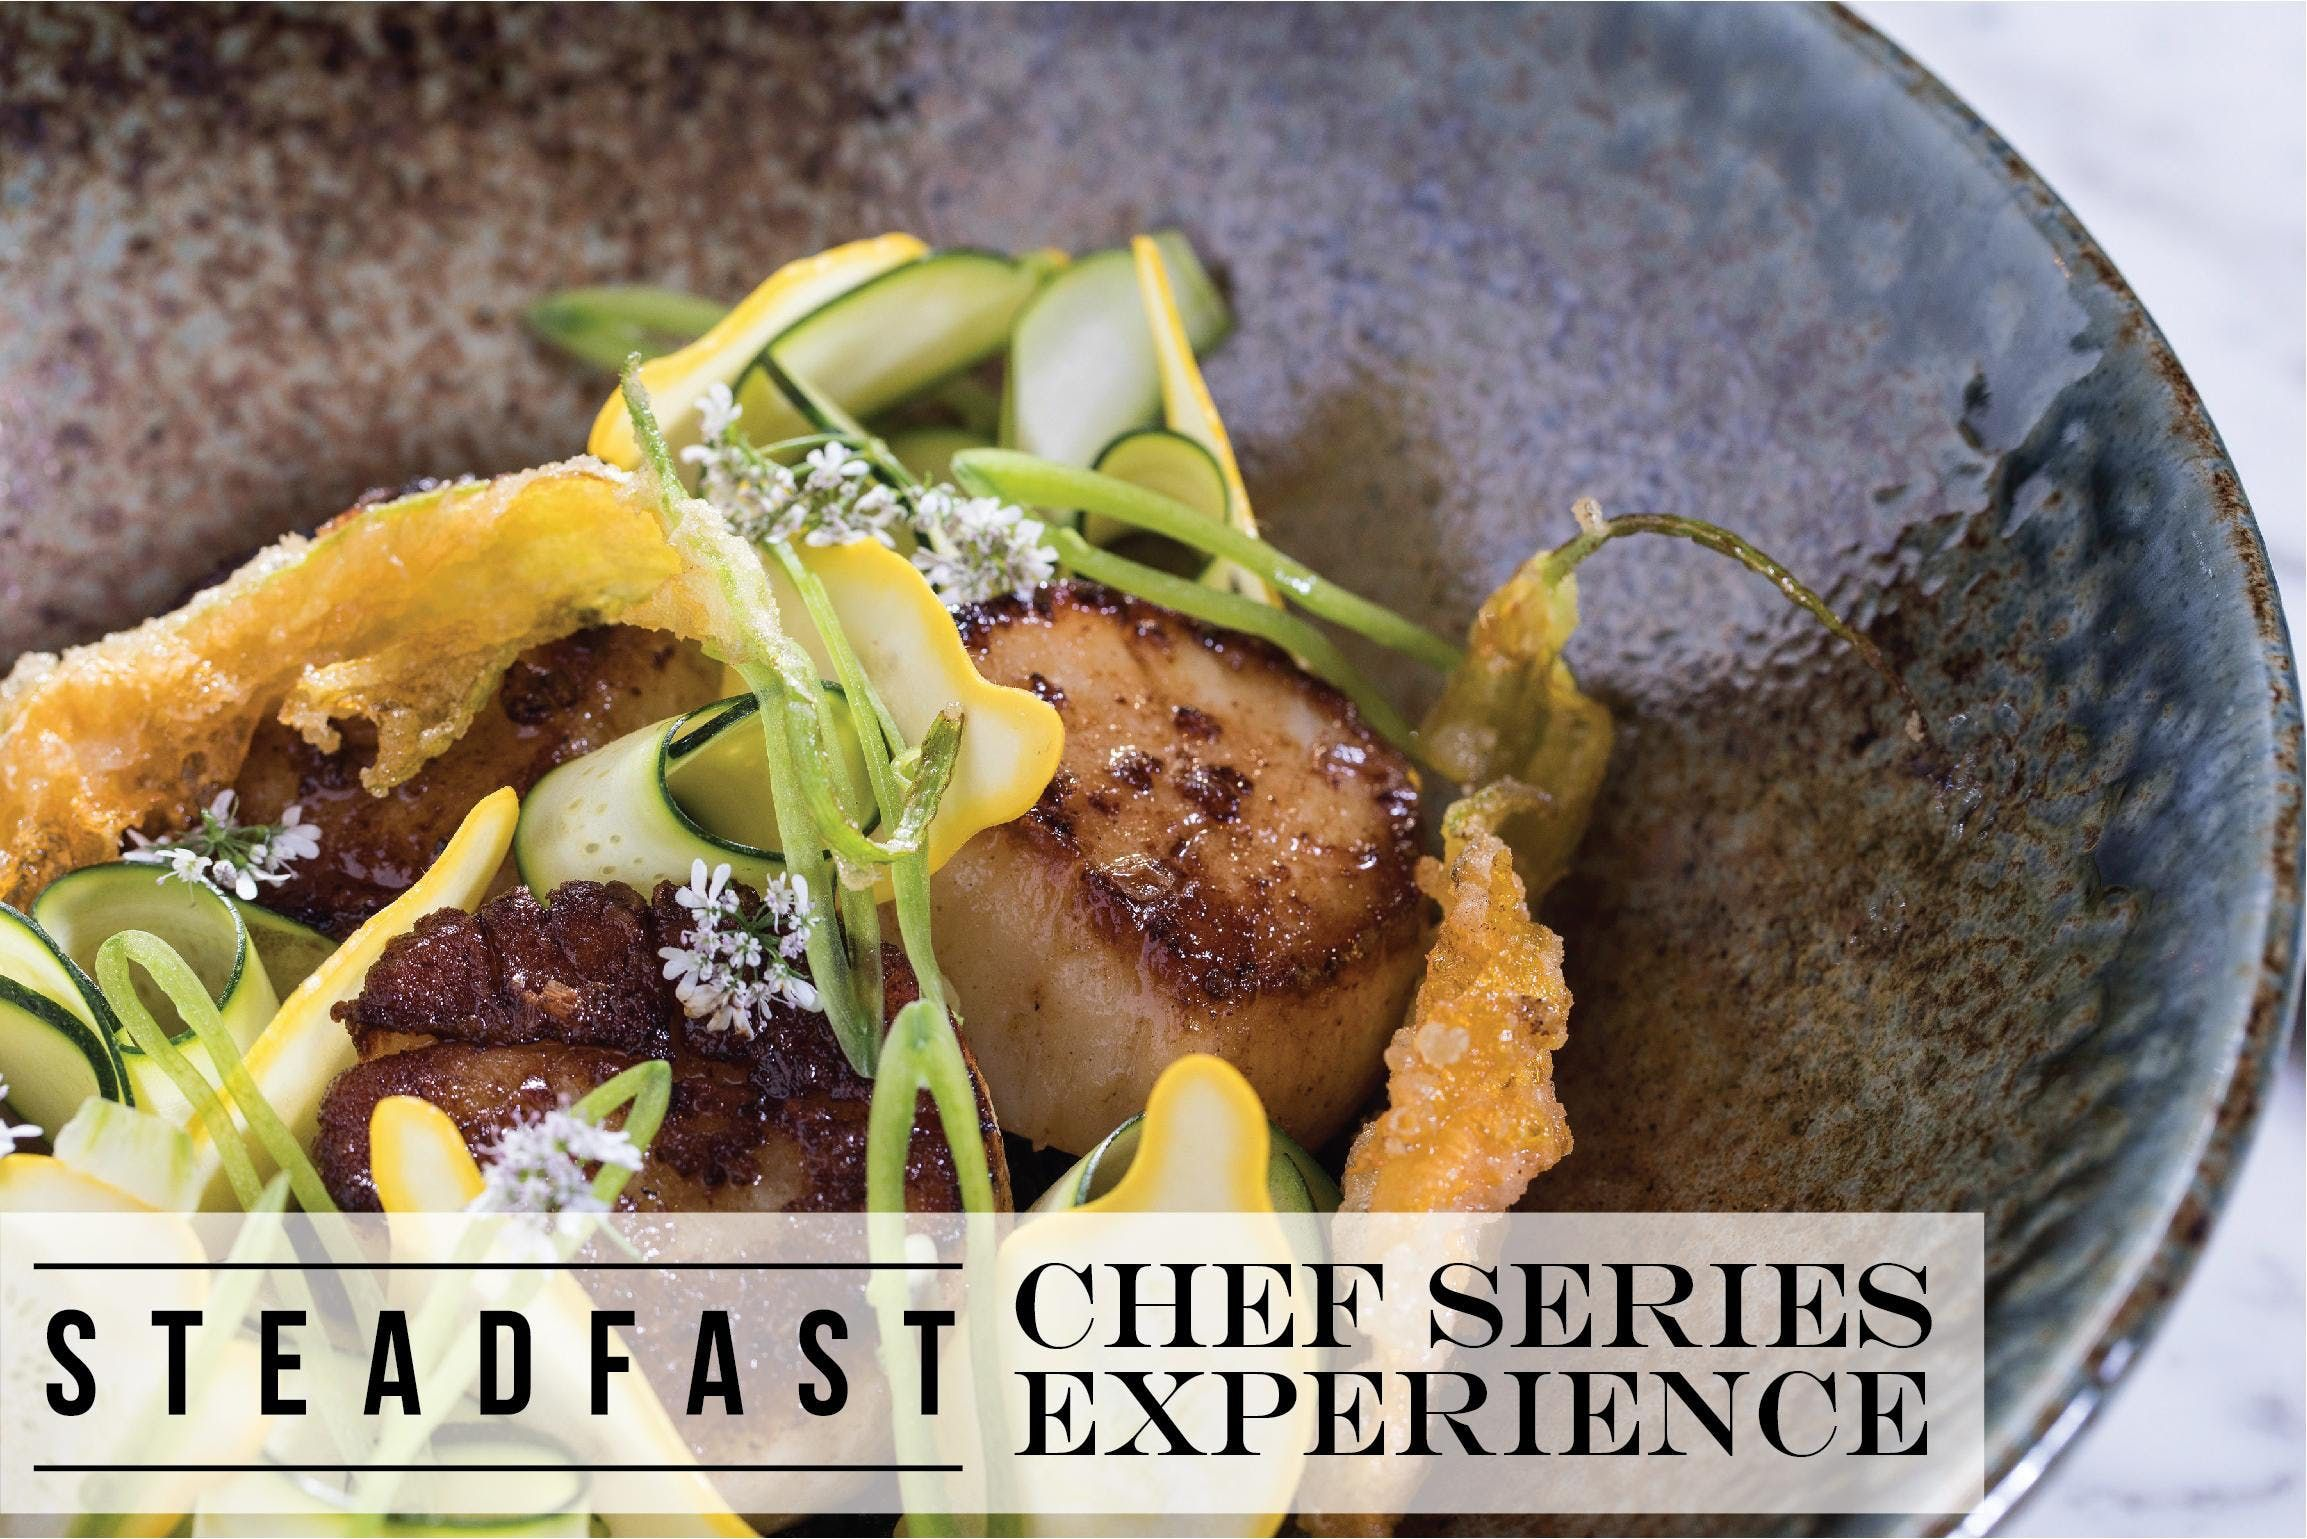 Chef Series Experience : Chefs Garden at Steadfast Restaurant, Chicago